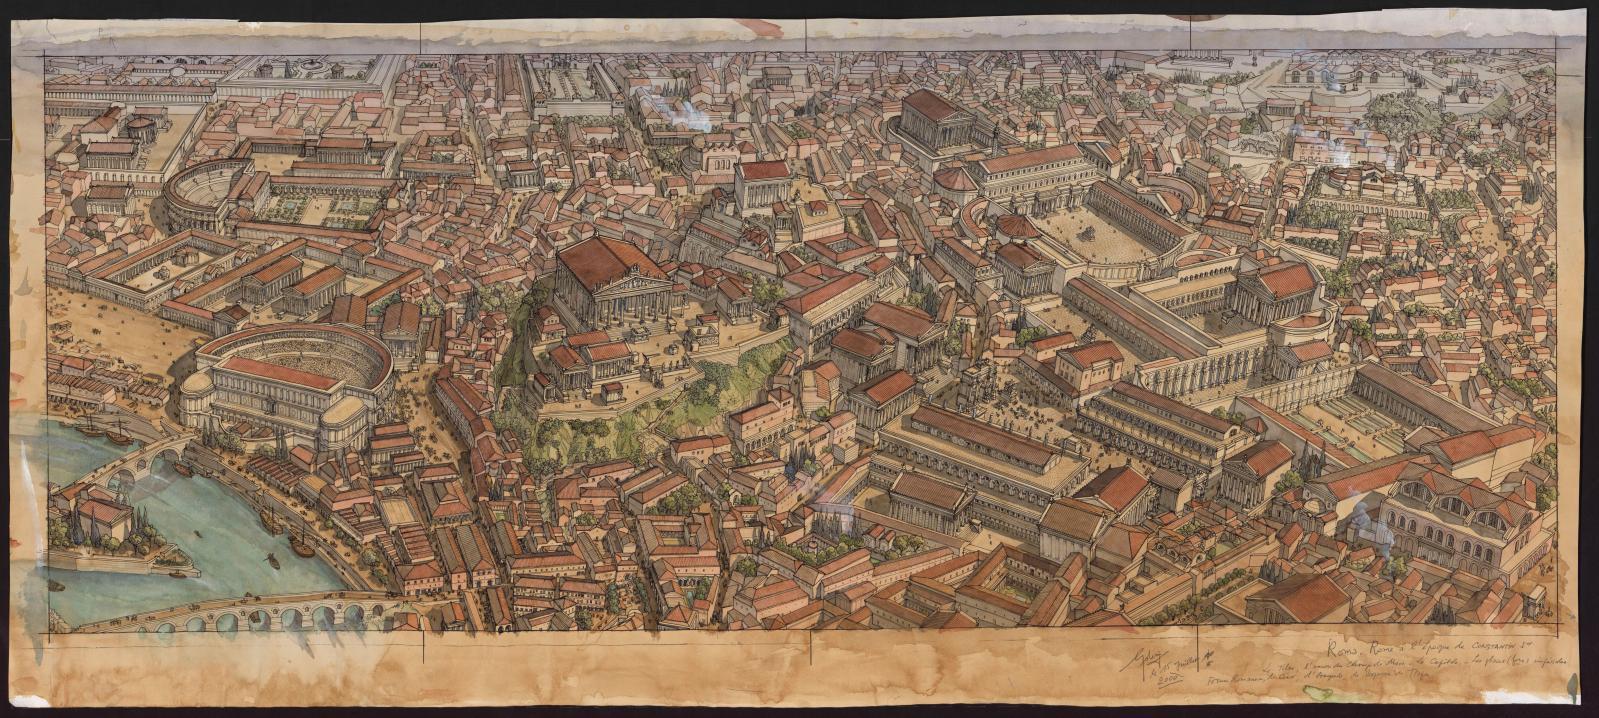 Restitution de la ville de Rome avec le théâtre de Marcellus (à droite).